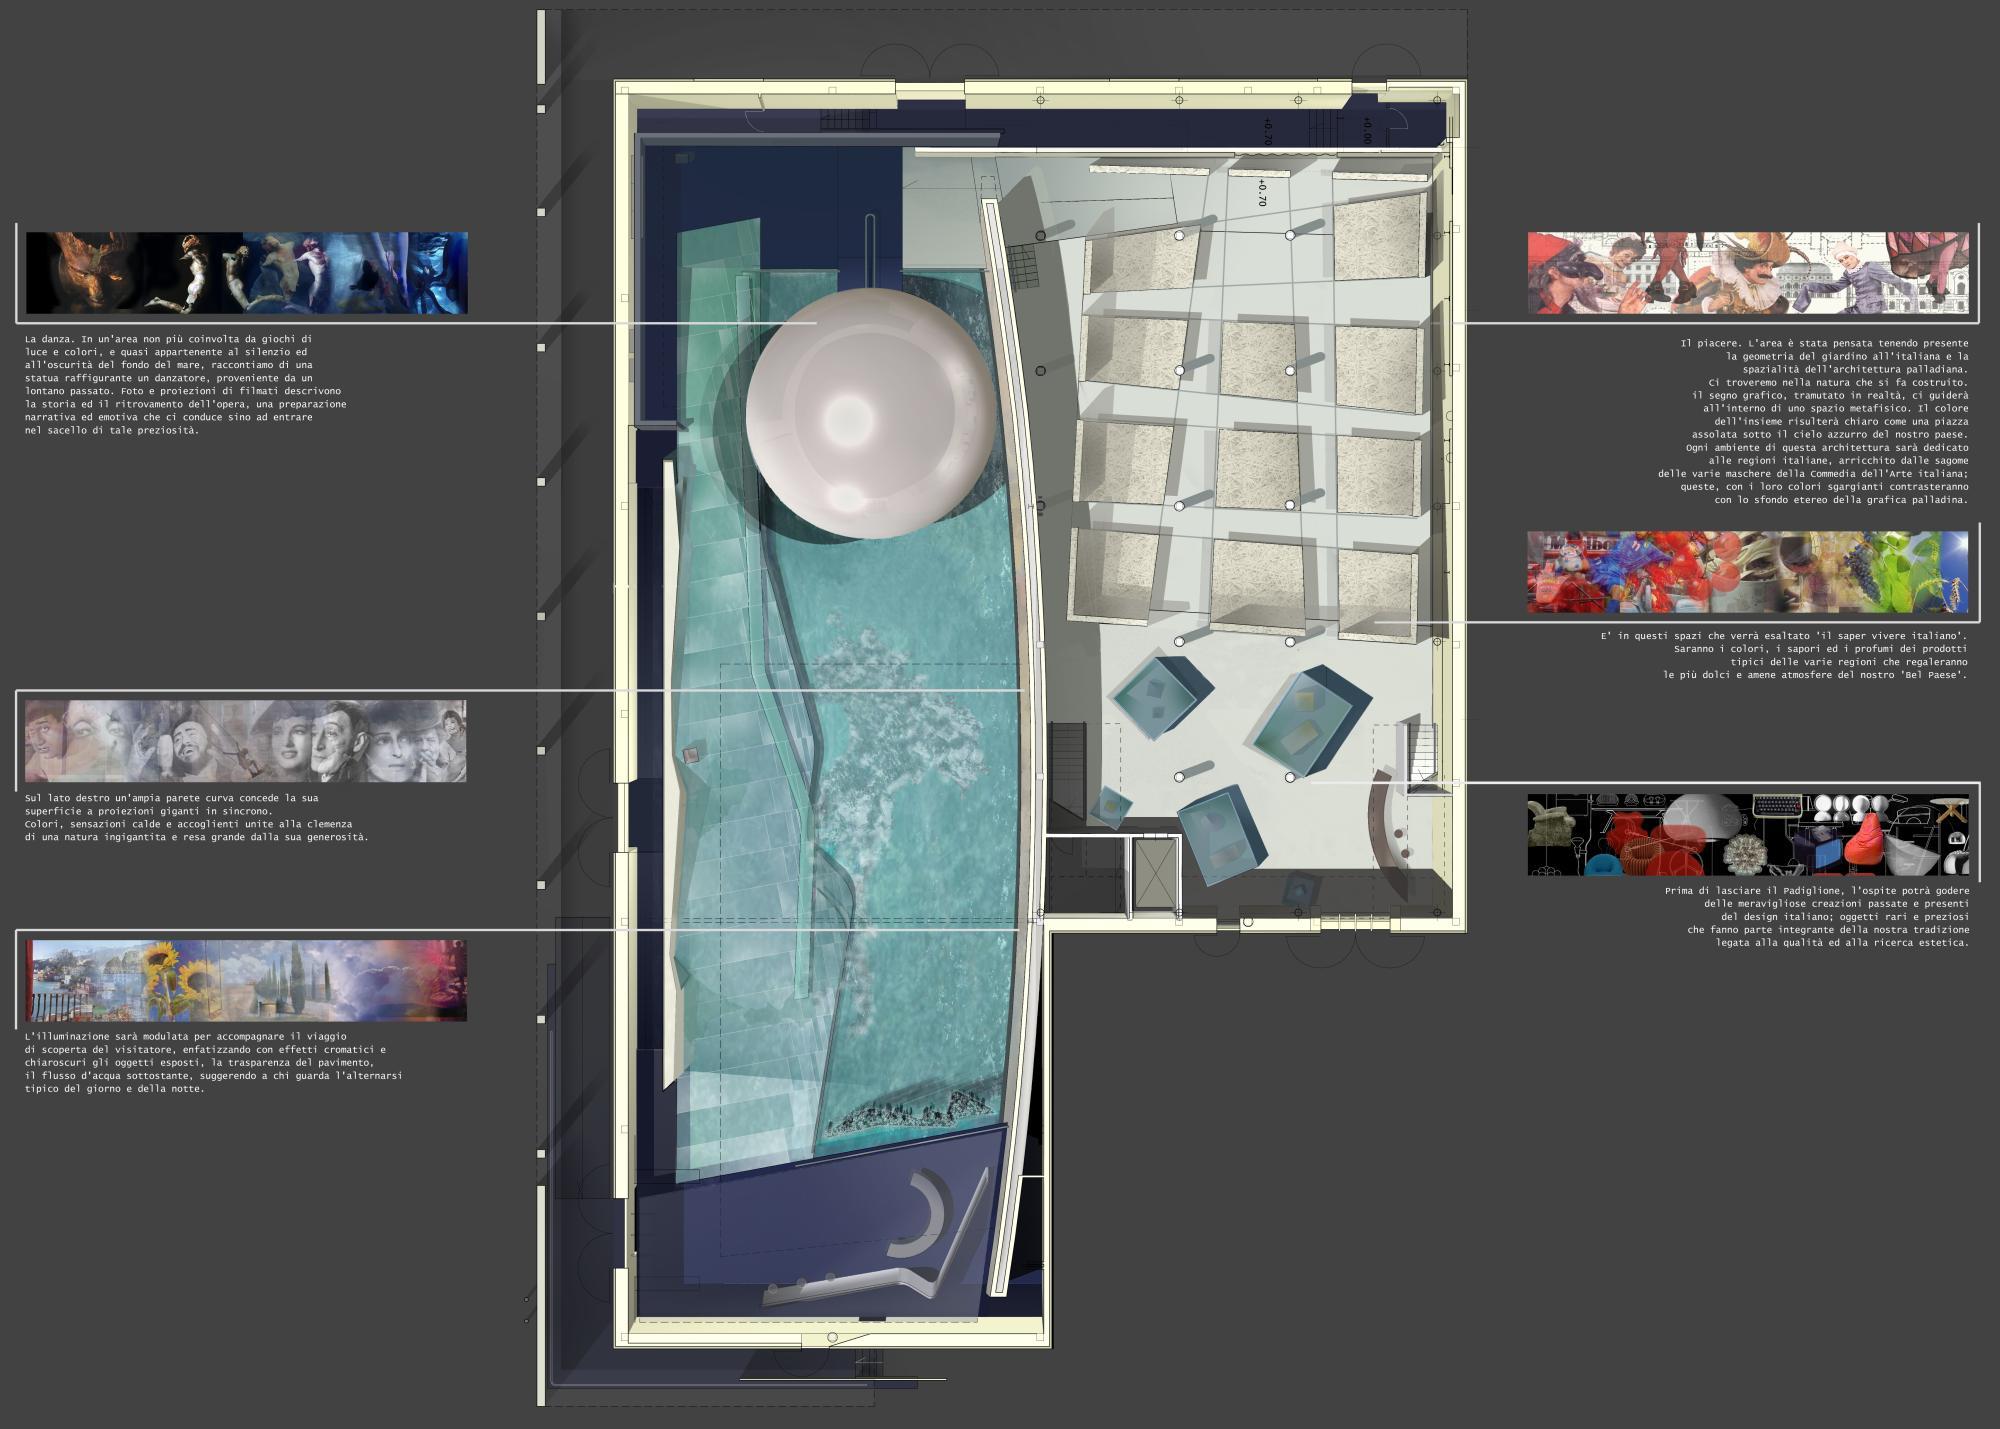 Vasca Da Bagno Archweb : Ascensori archweb scale acciaio dwg con profili in per serramenti